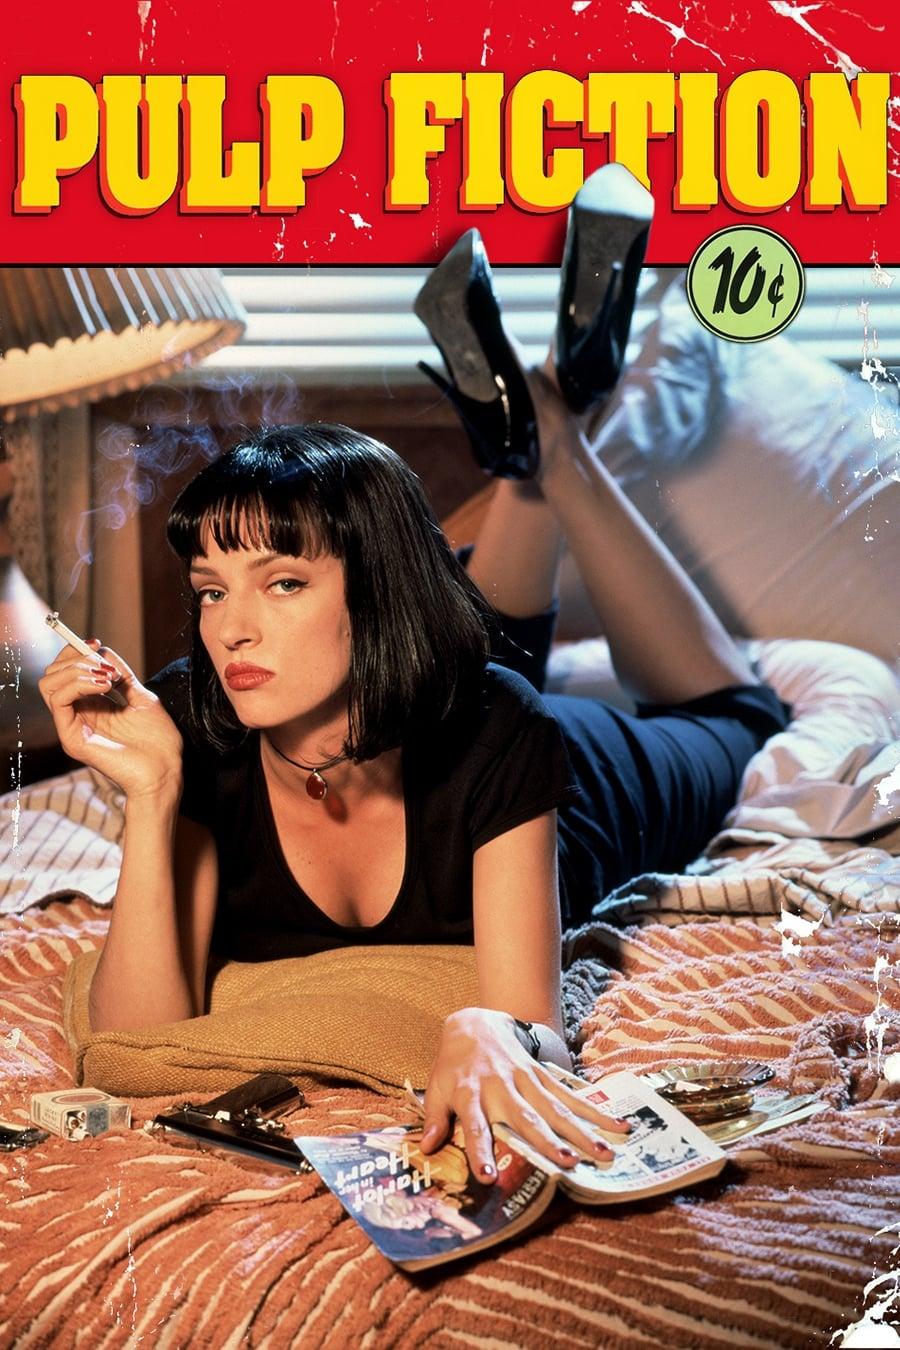 Möbel & Wohnen 20 Pulp Fiction Movie PRINT GLOSSY POSTER DE ...